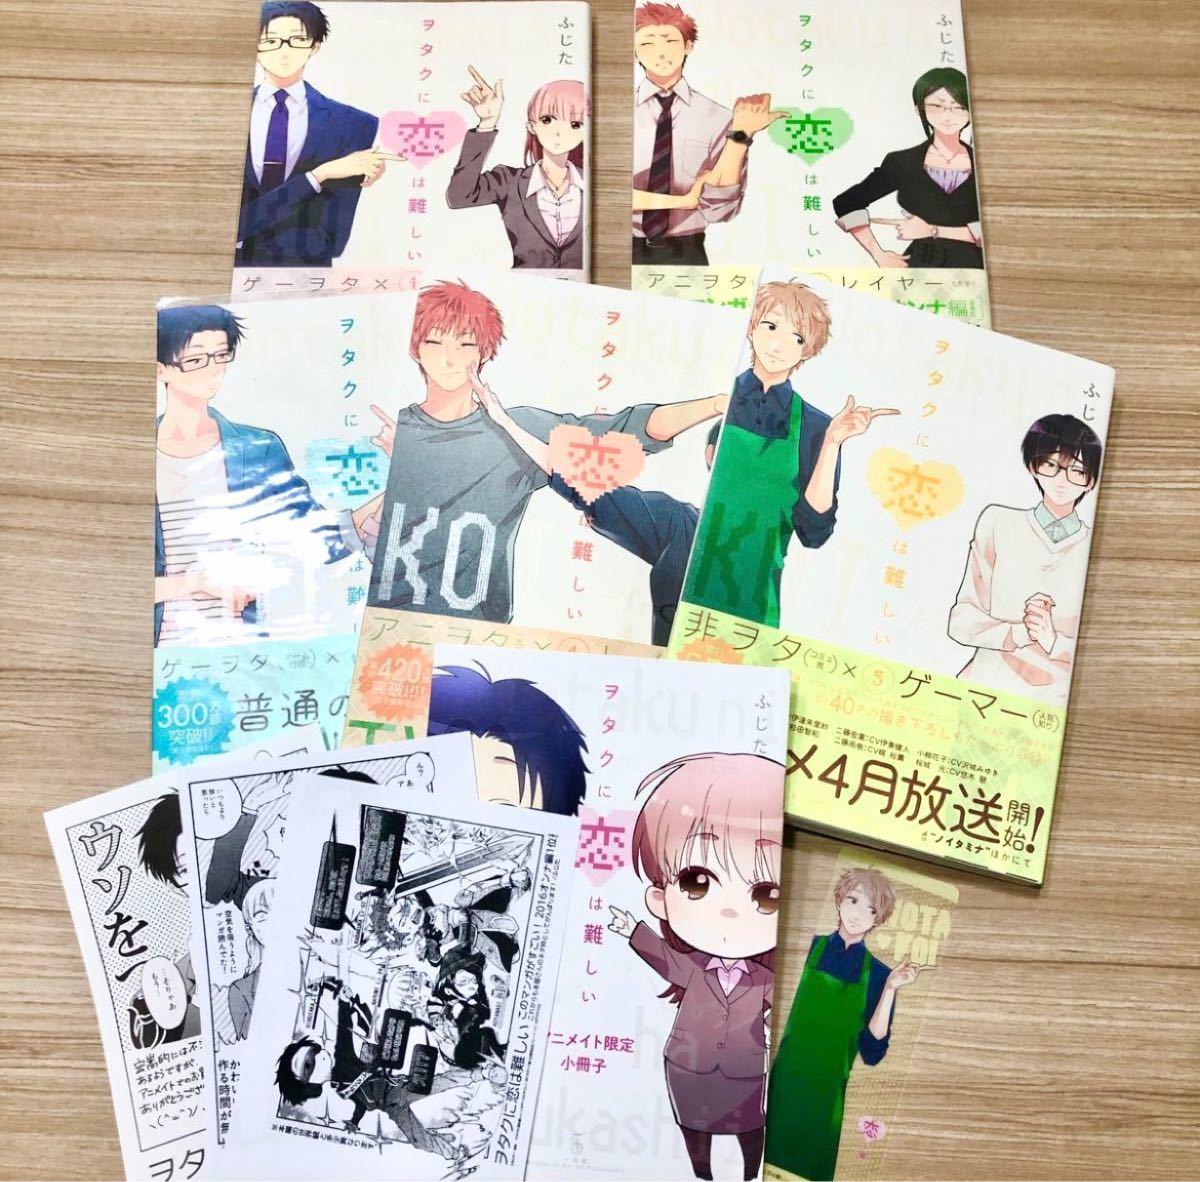 【まとめ売り】ヲタクに恋は難しい 1〜5巻 特典 漫画 ヲタ恋